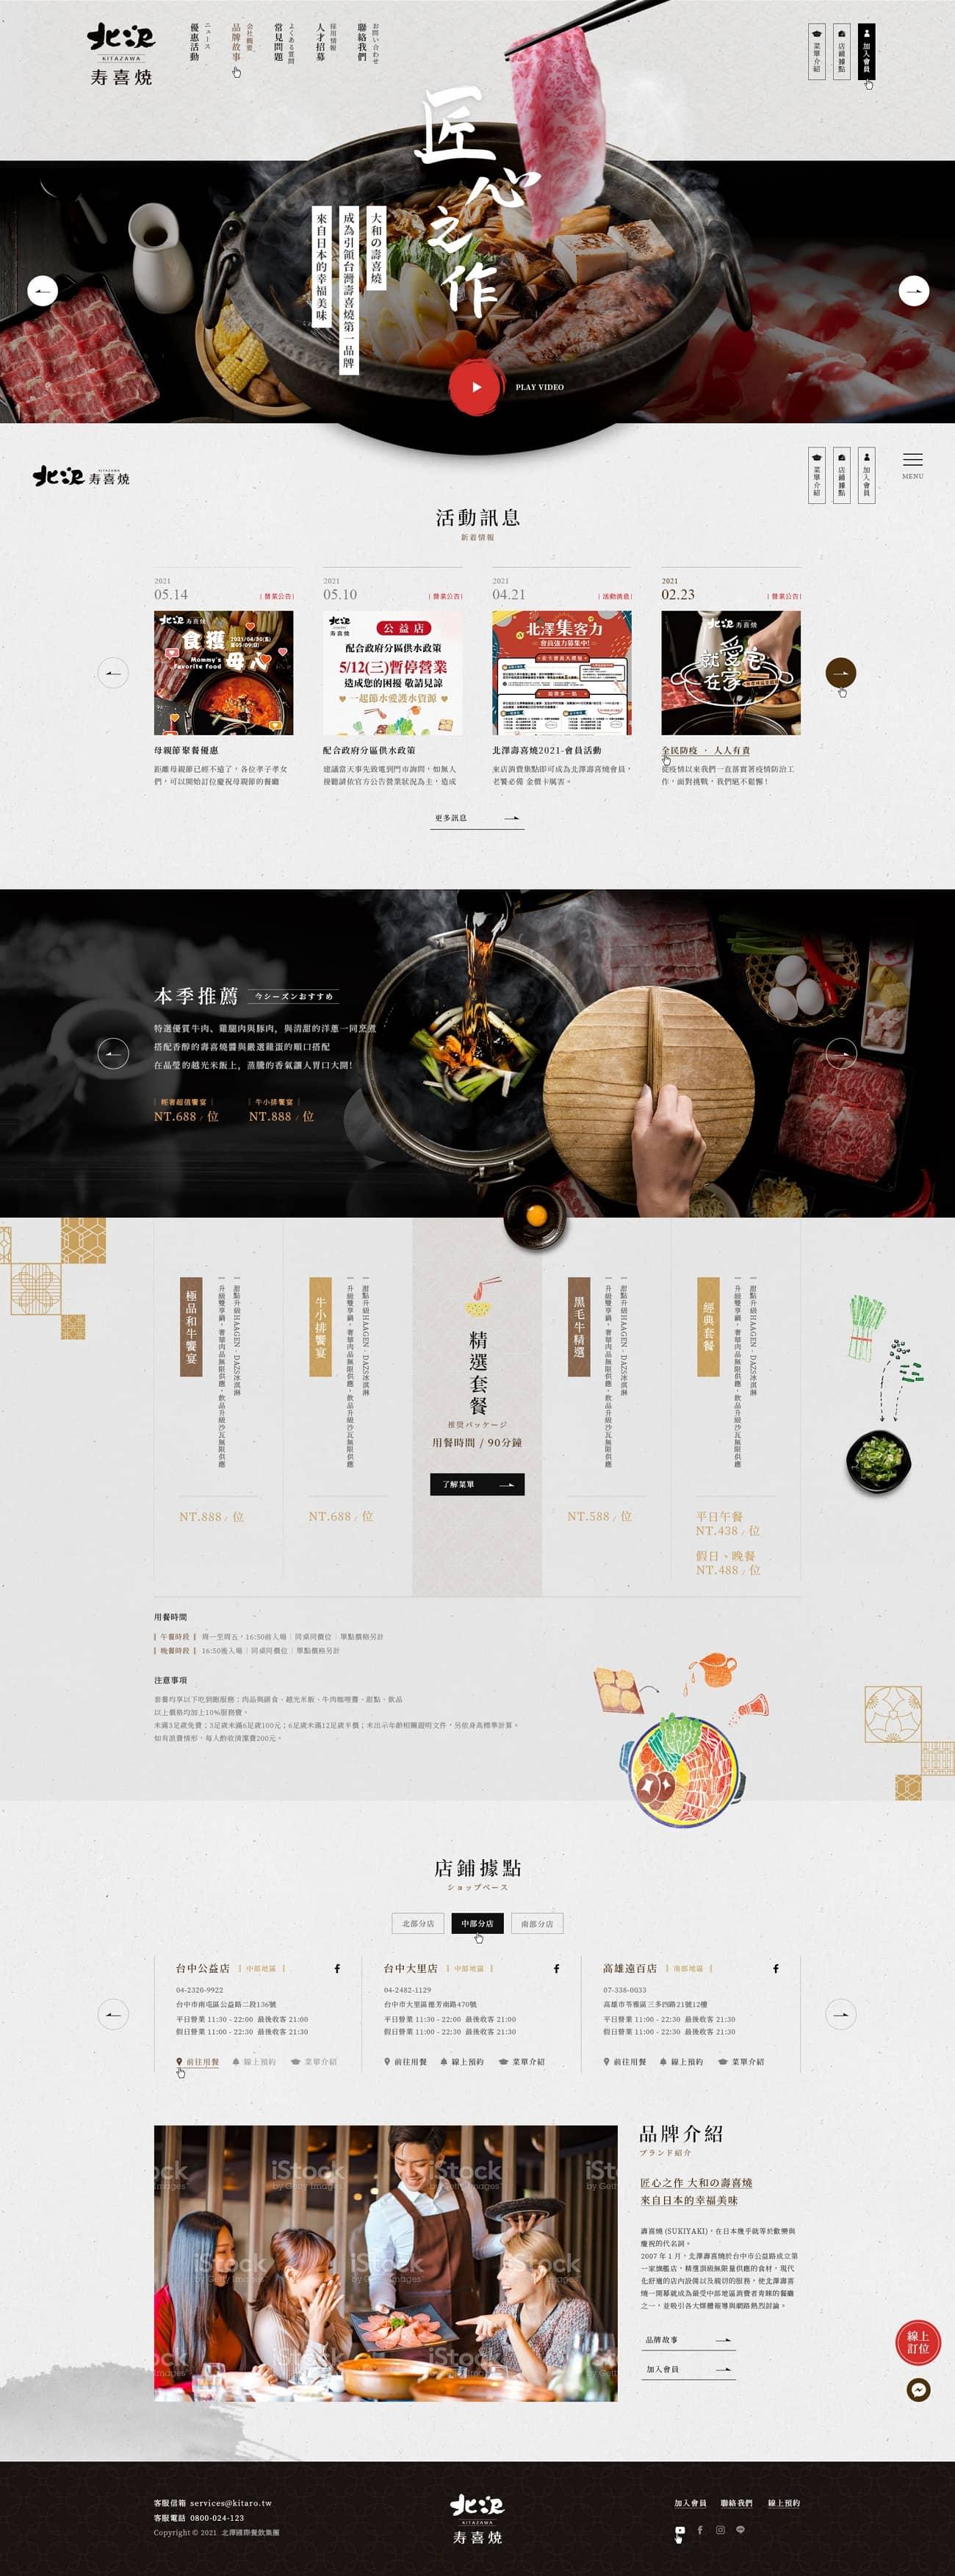 北澤壽喜燒-網頁設計